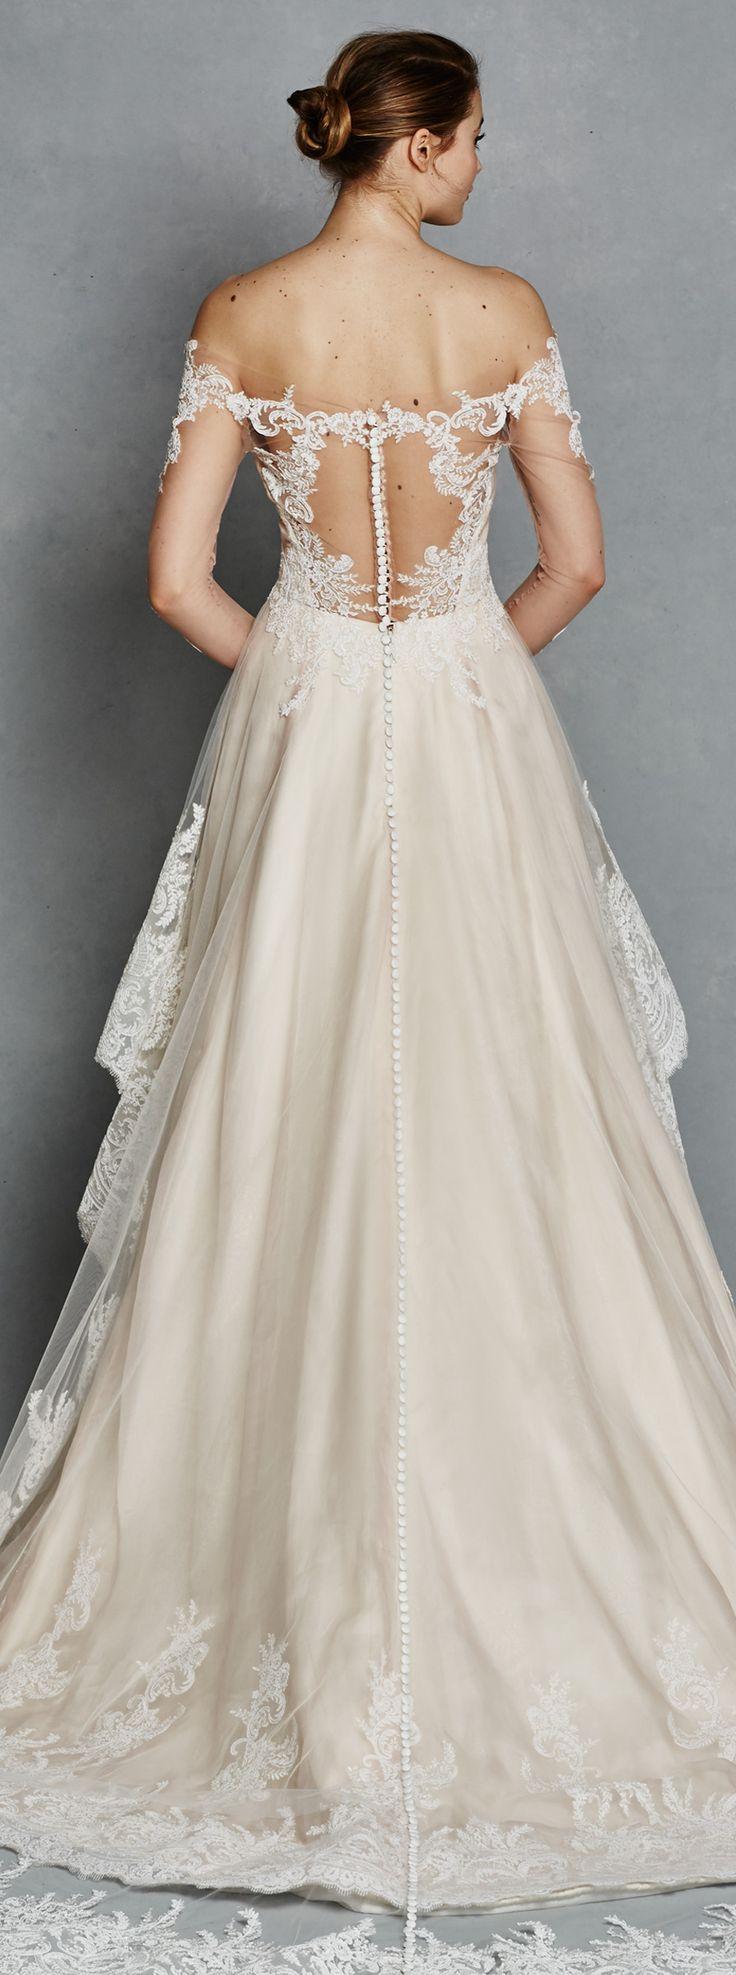 304 besten Dresses Bilder auf Pinterest | Braut, 15 Jahre und Kleidung